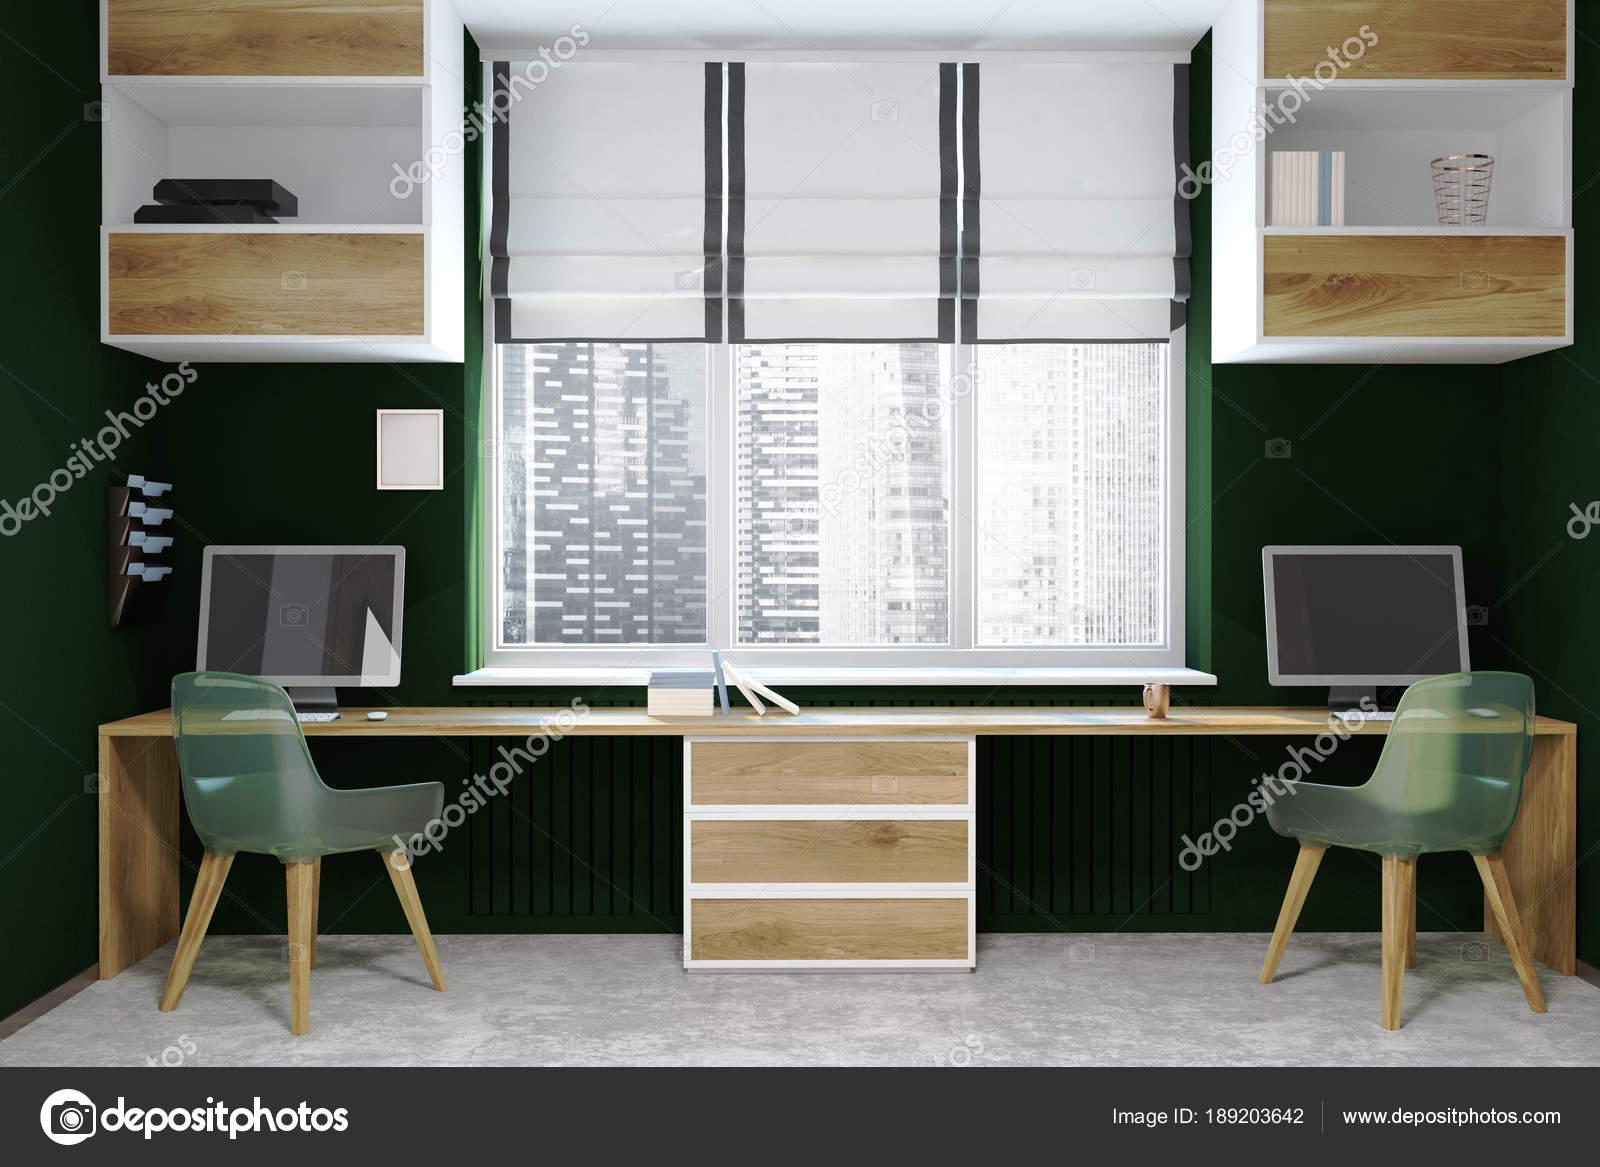 Ufficio Del Lavoro In Nero : Ambiente di lavoro moderno nero e legno schermi u2014 foto stock